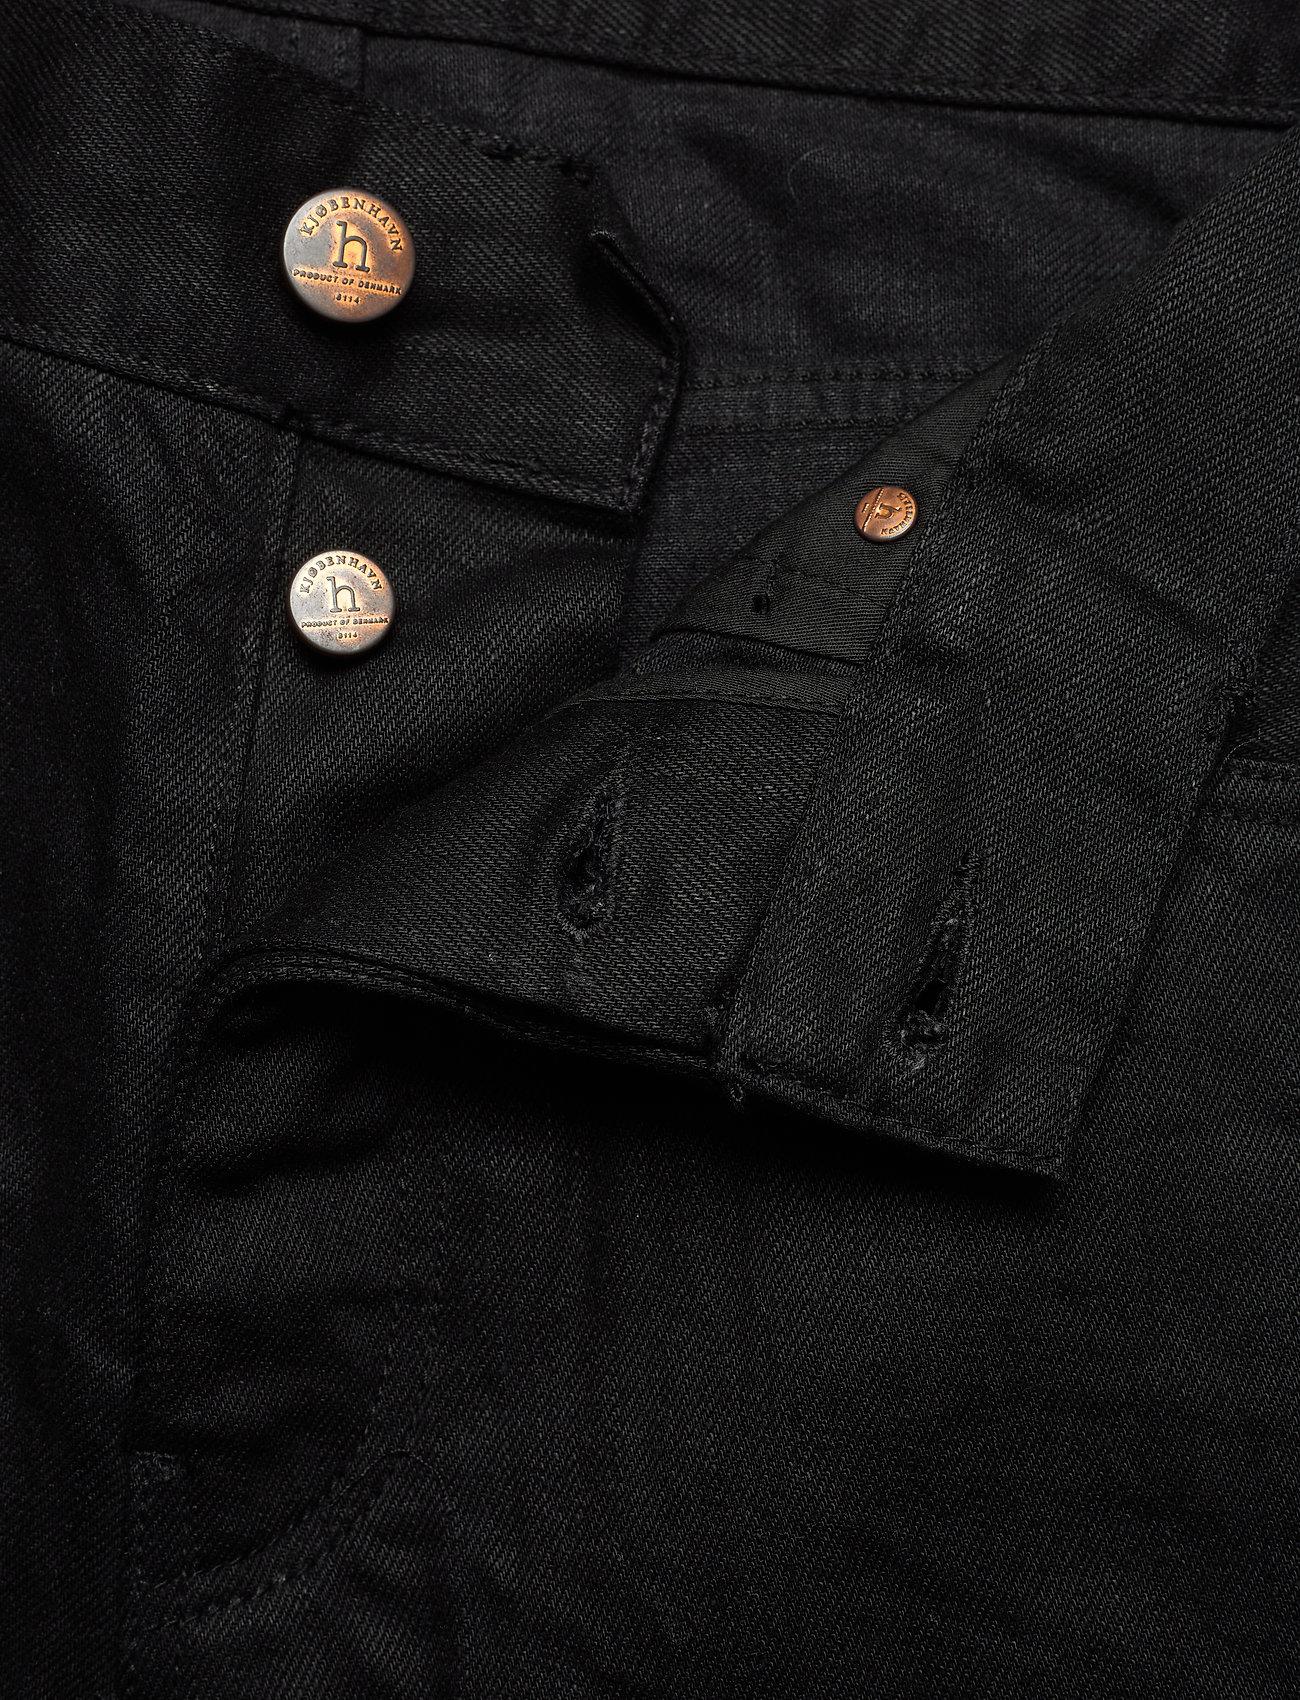 HAN Kjøbenhavn - Relaxed Jeans - regular jeans - black black - 5